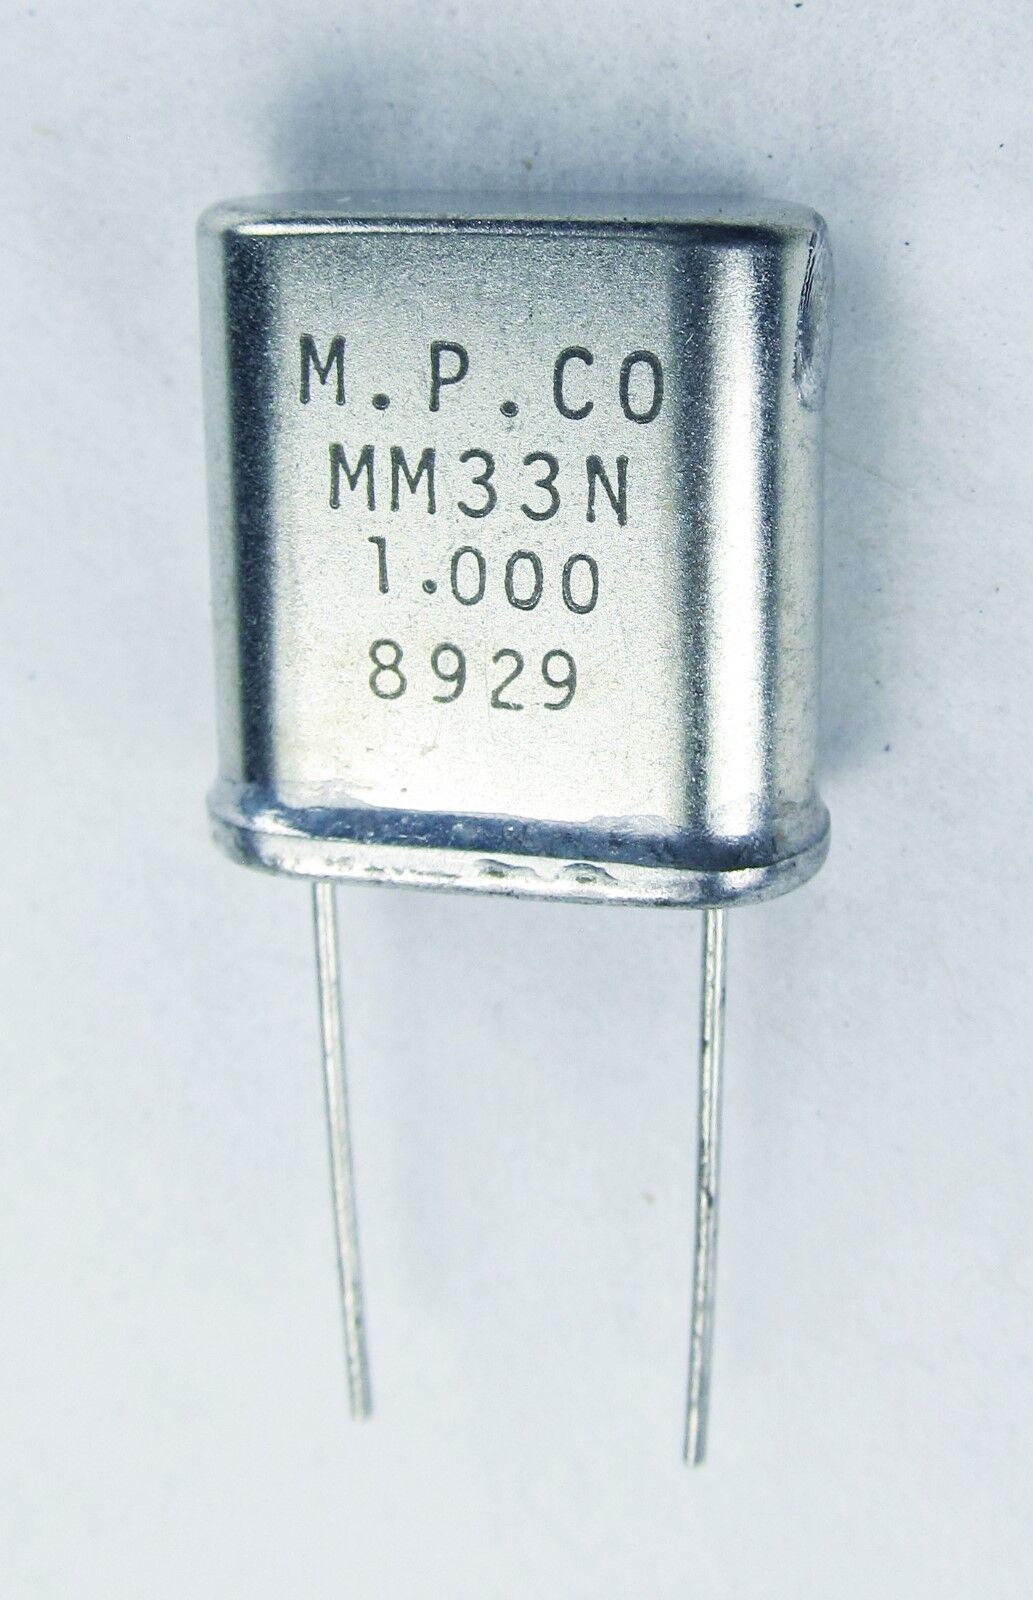 X1G004481005012 Crystal Oscillator 2.048 MHz CMOS 15pF 4-Pin 7 x 5 x 1.3mm